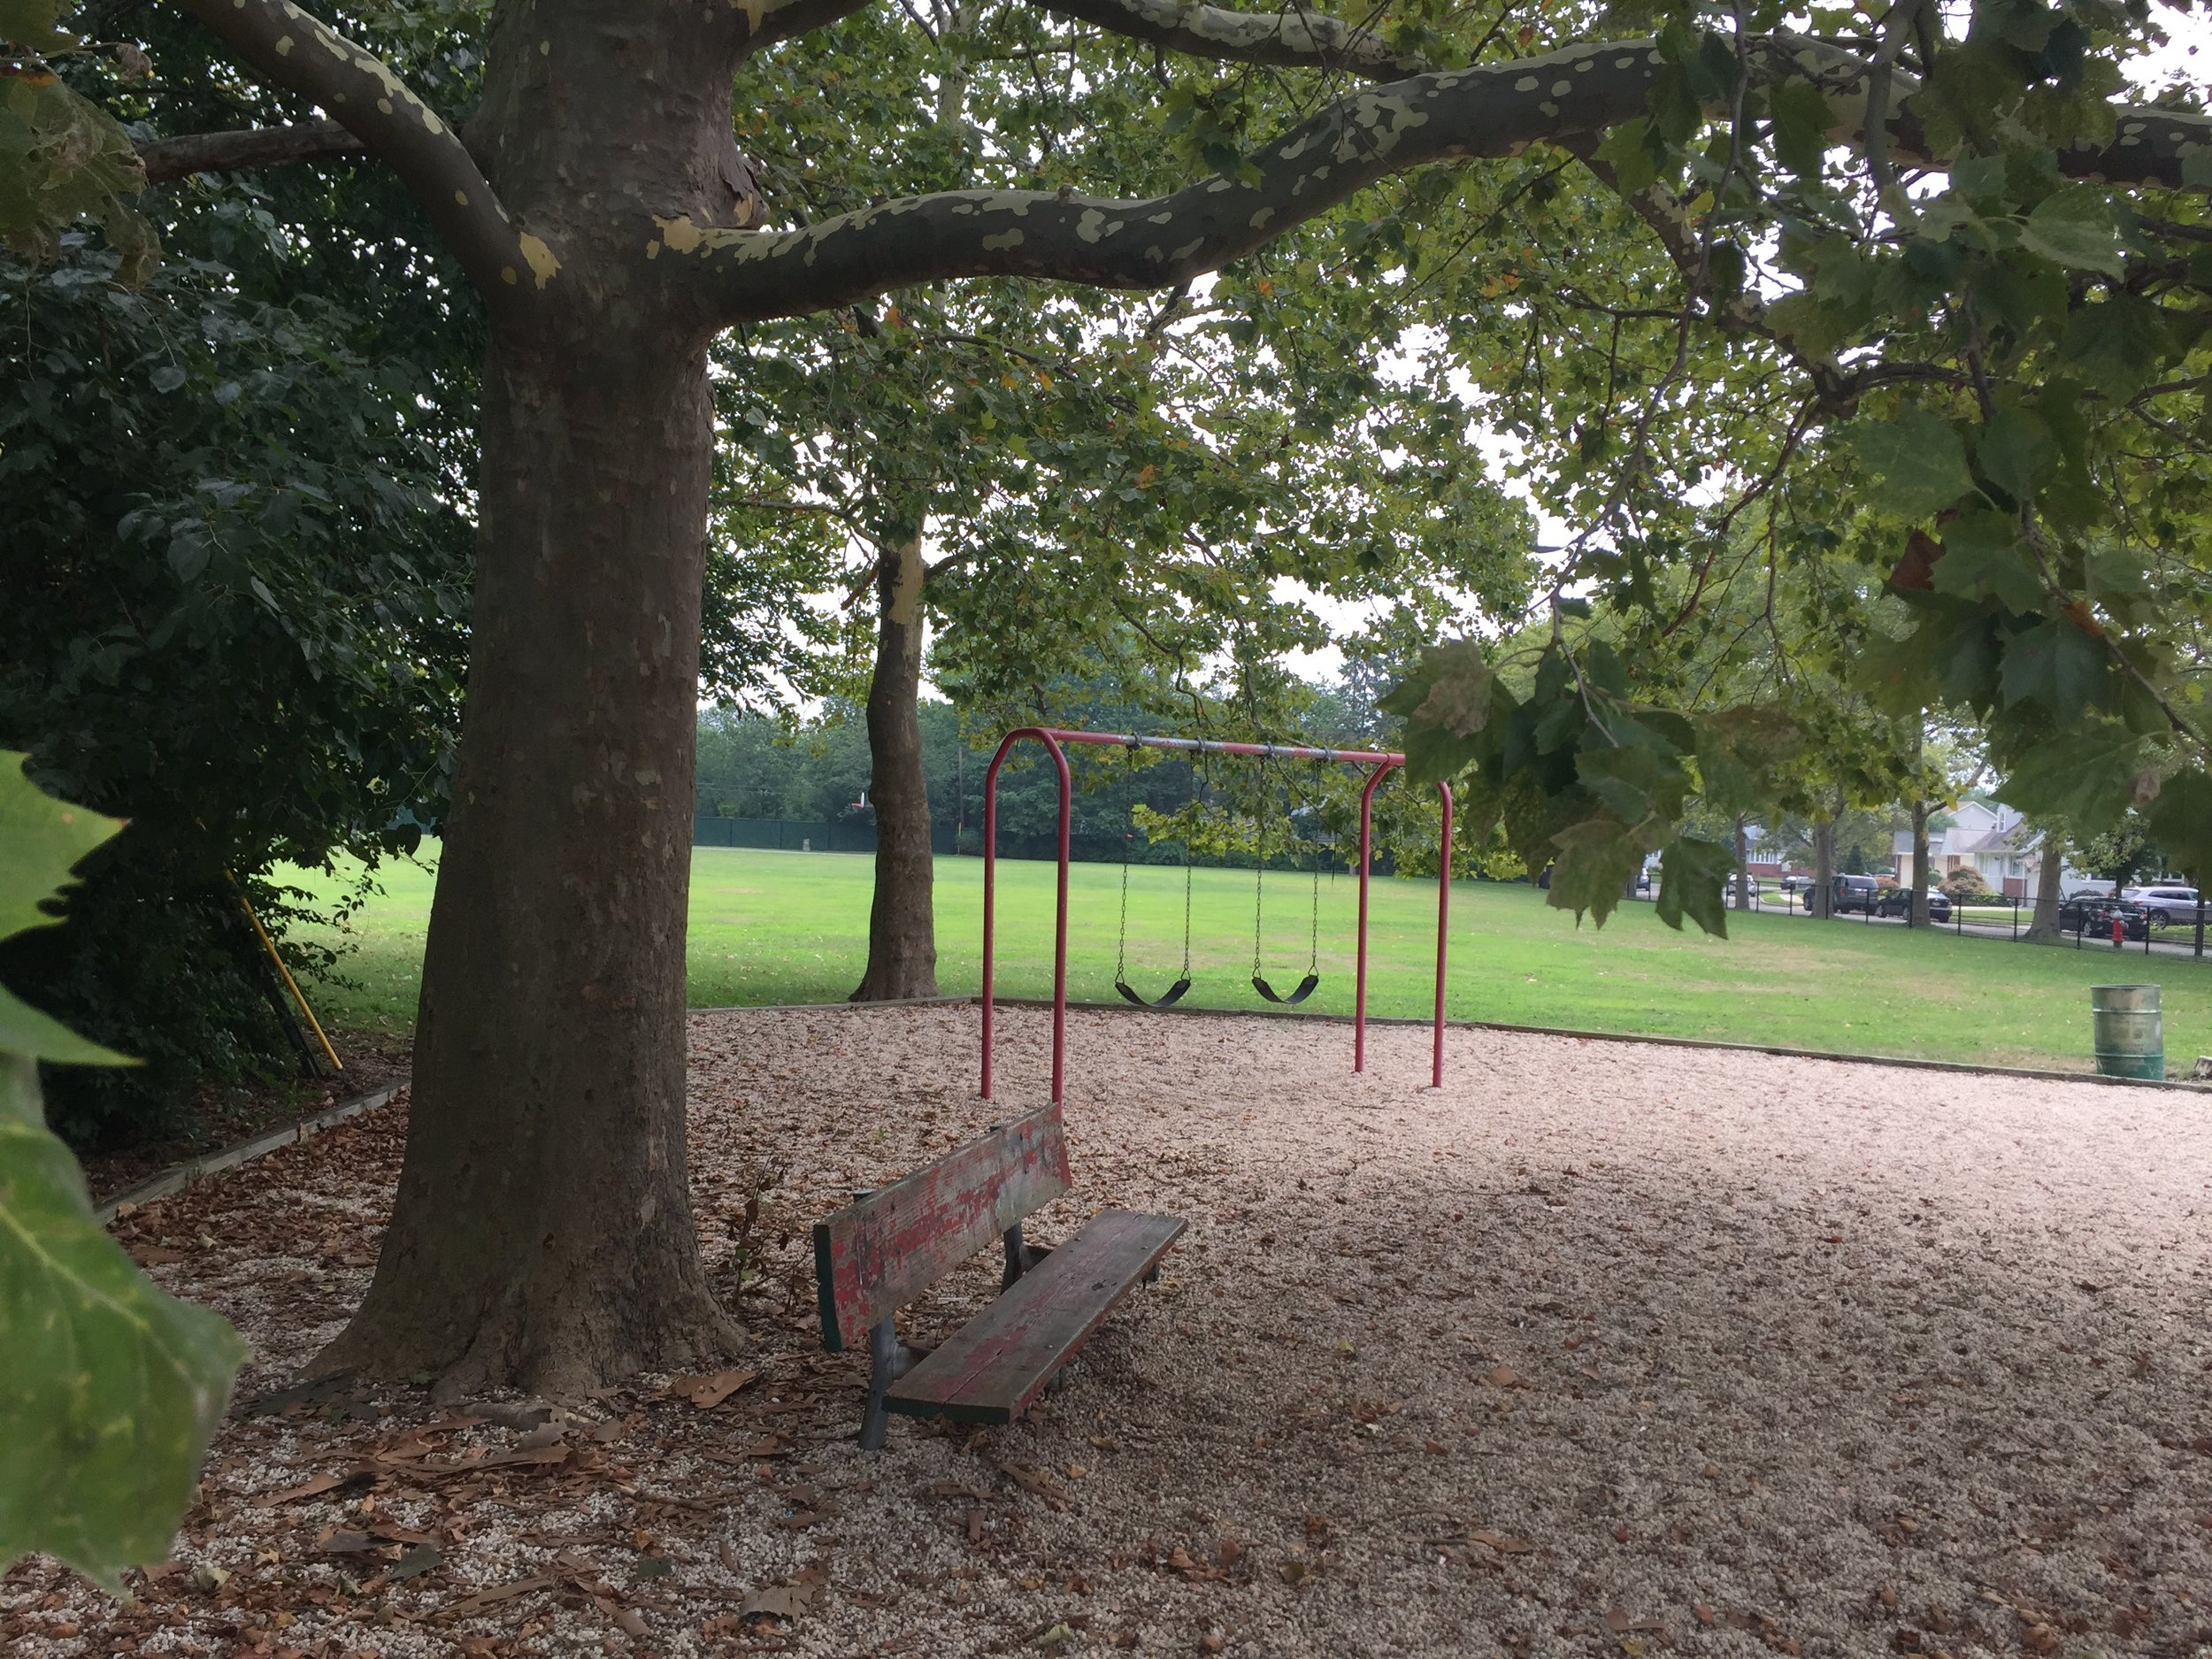 Cornell Ave Playground